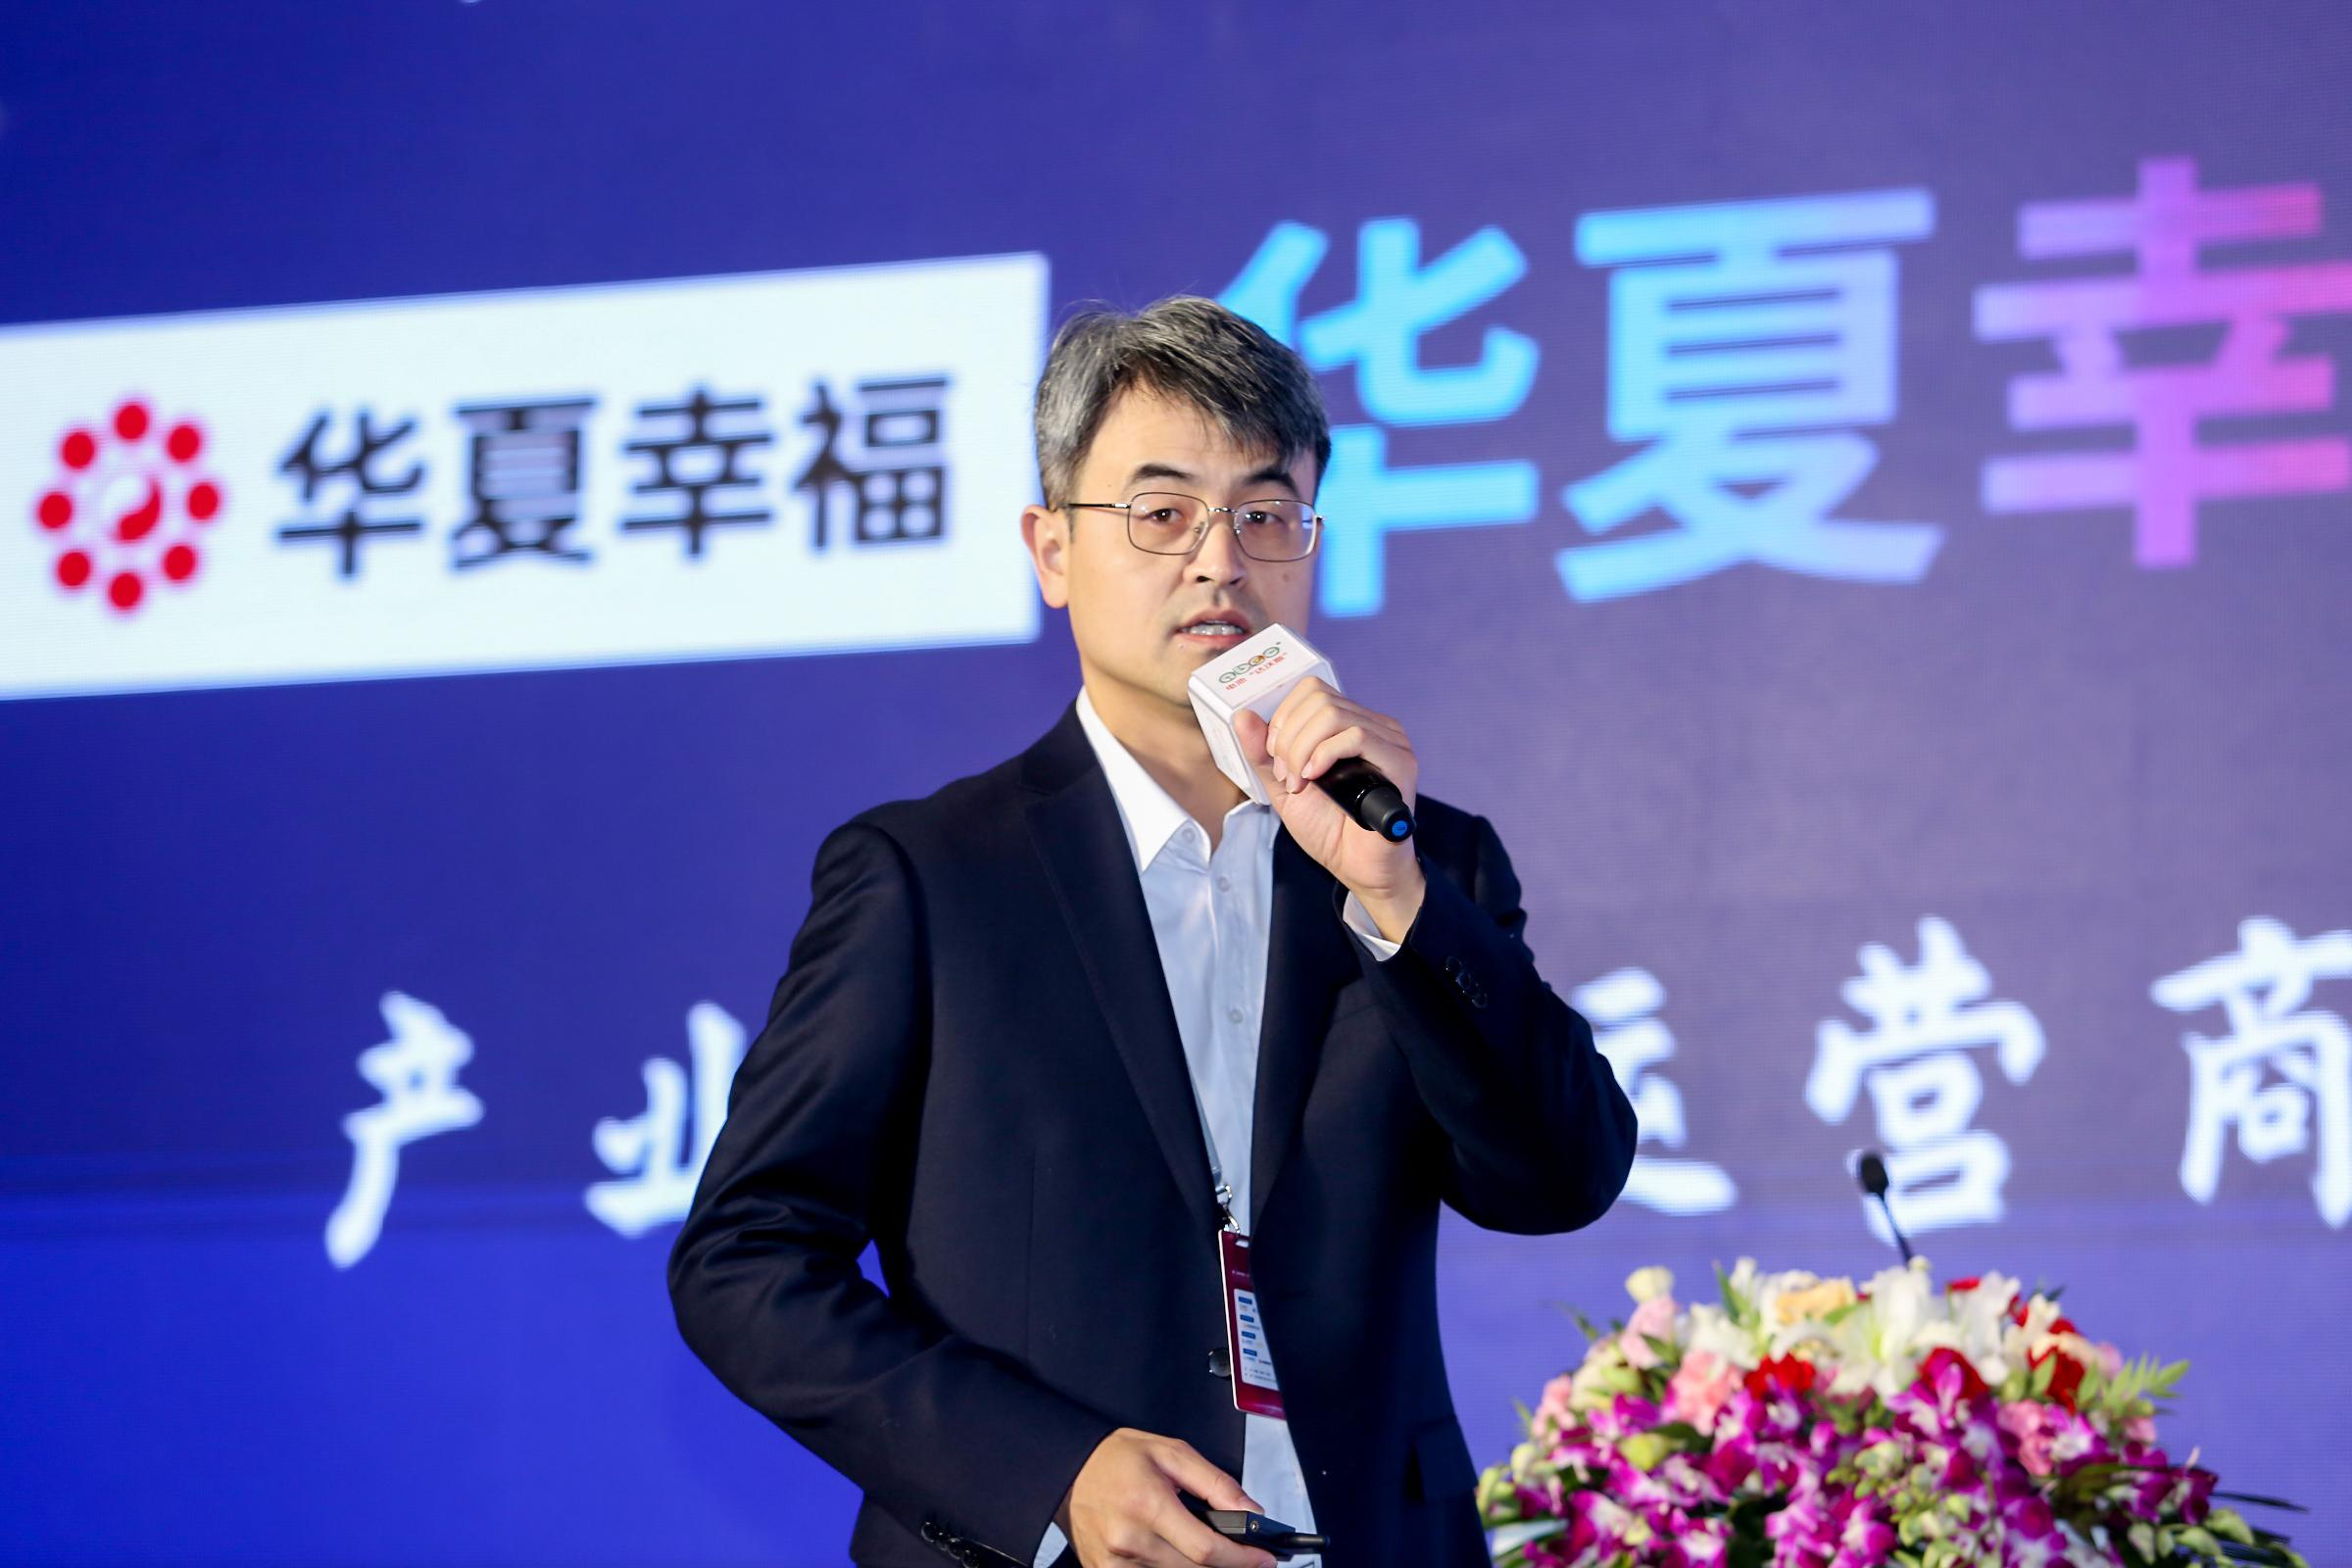 烟台创为新能源科技有限公司总经理张立磊